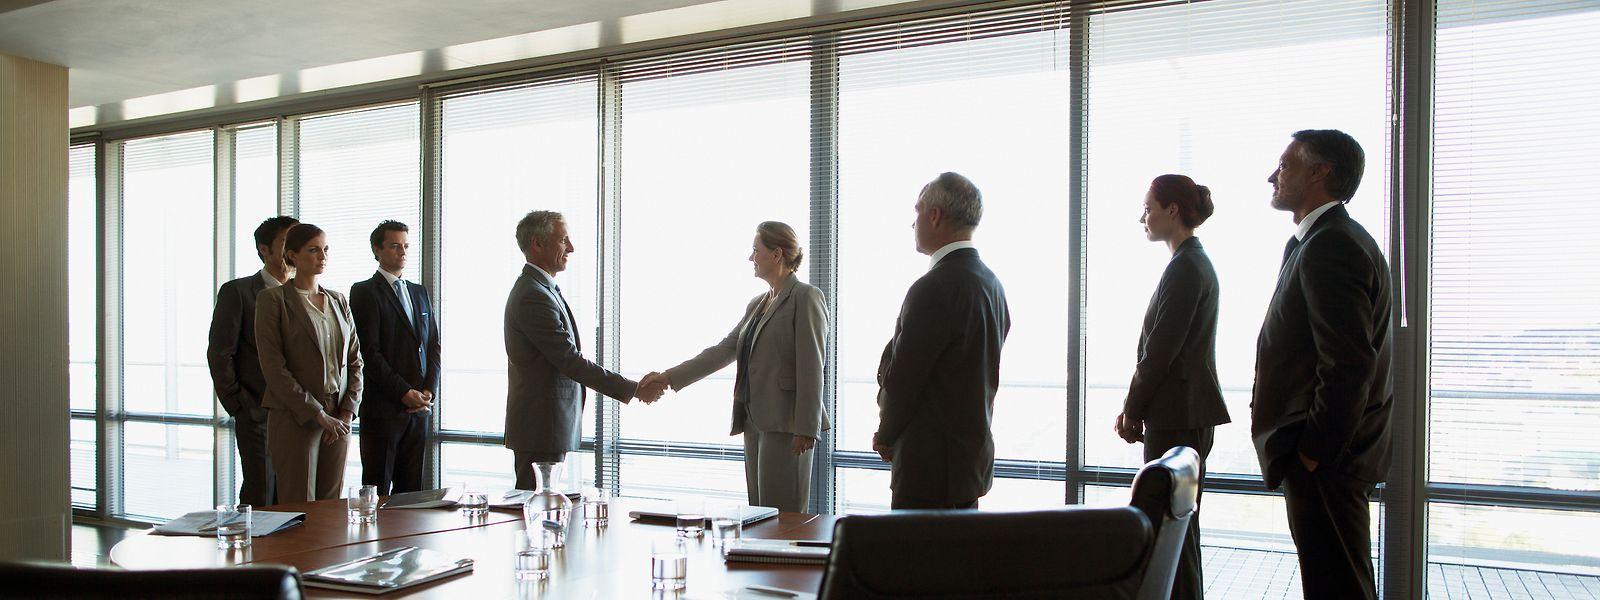 Beteiligungsgesellschaften wie Luxempart sind nicht nur Kapitalgeber für Unternehmen. Sie können mit ihrer Expertise Betrieben dabei helfen, international zu expandieren.